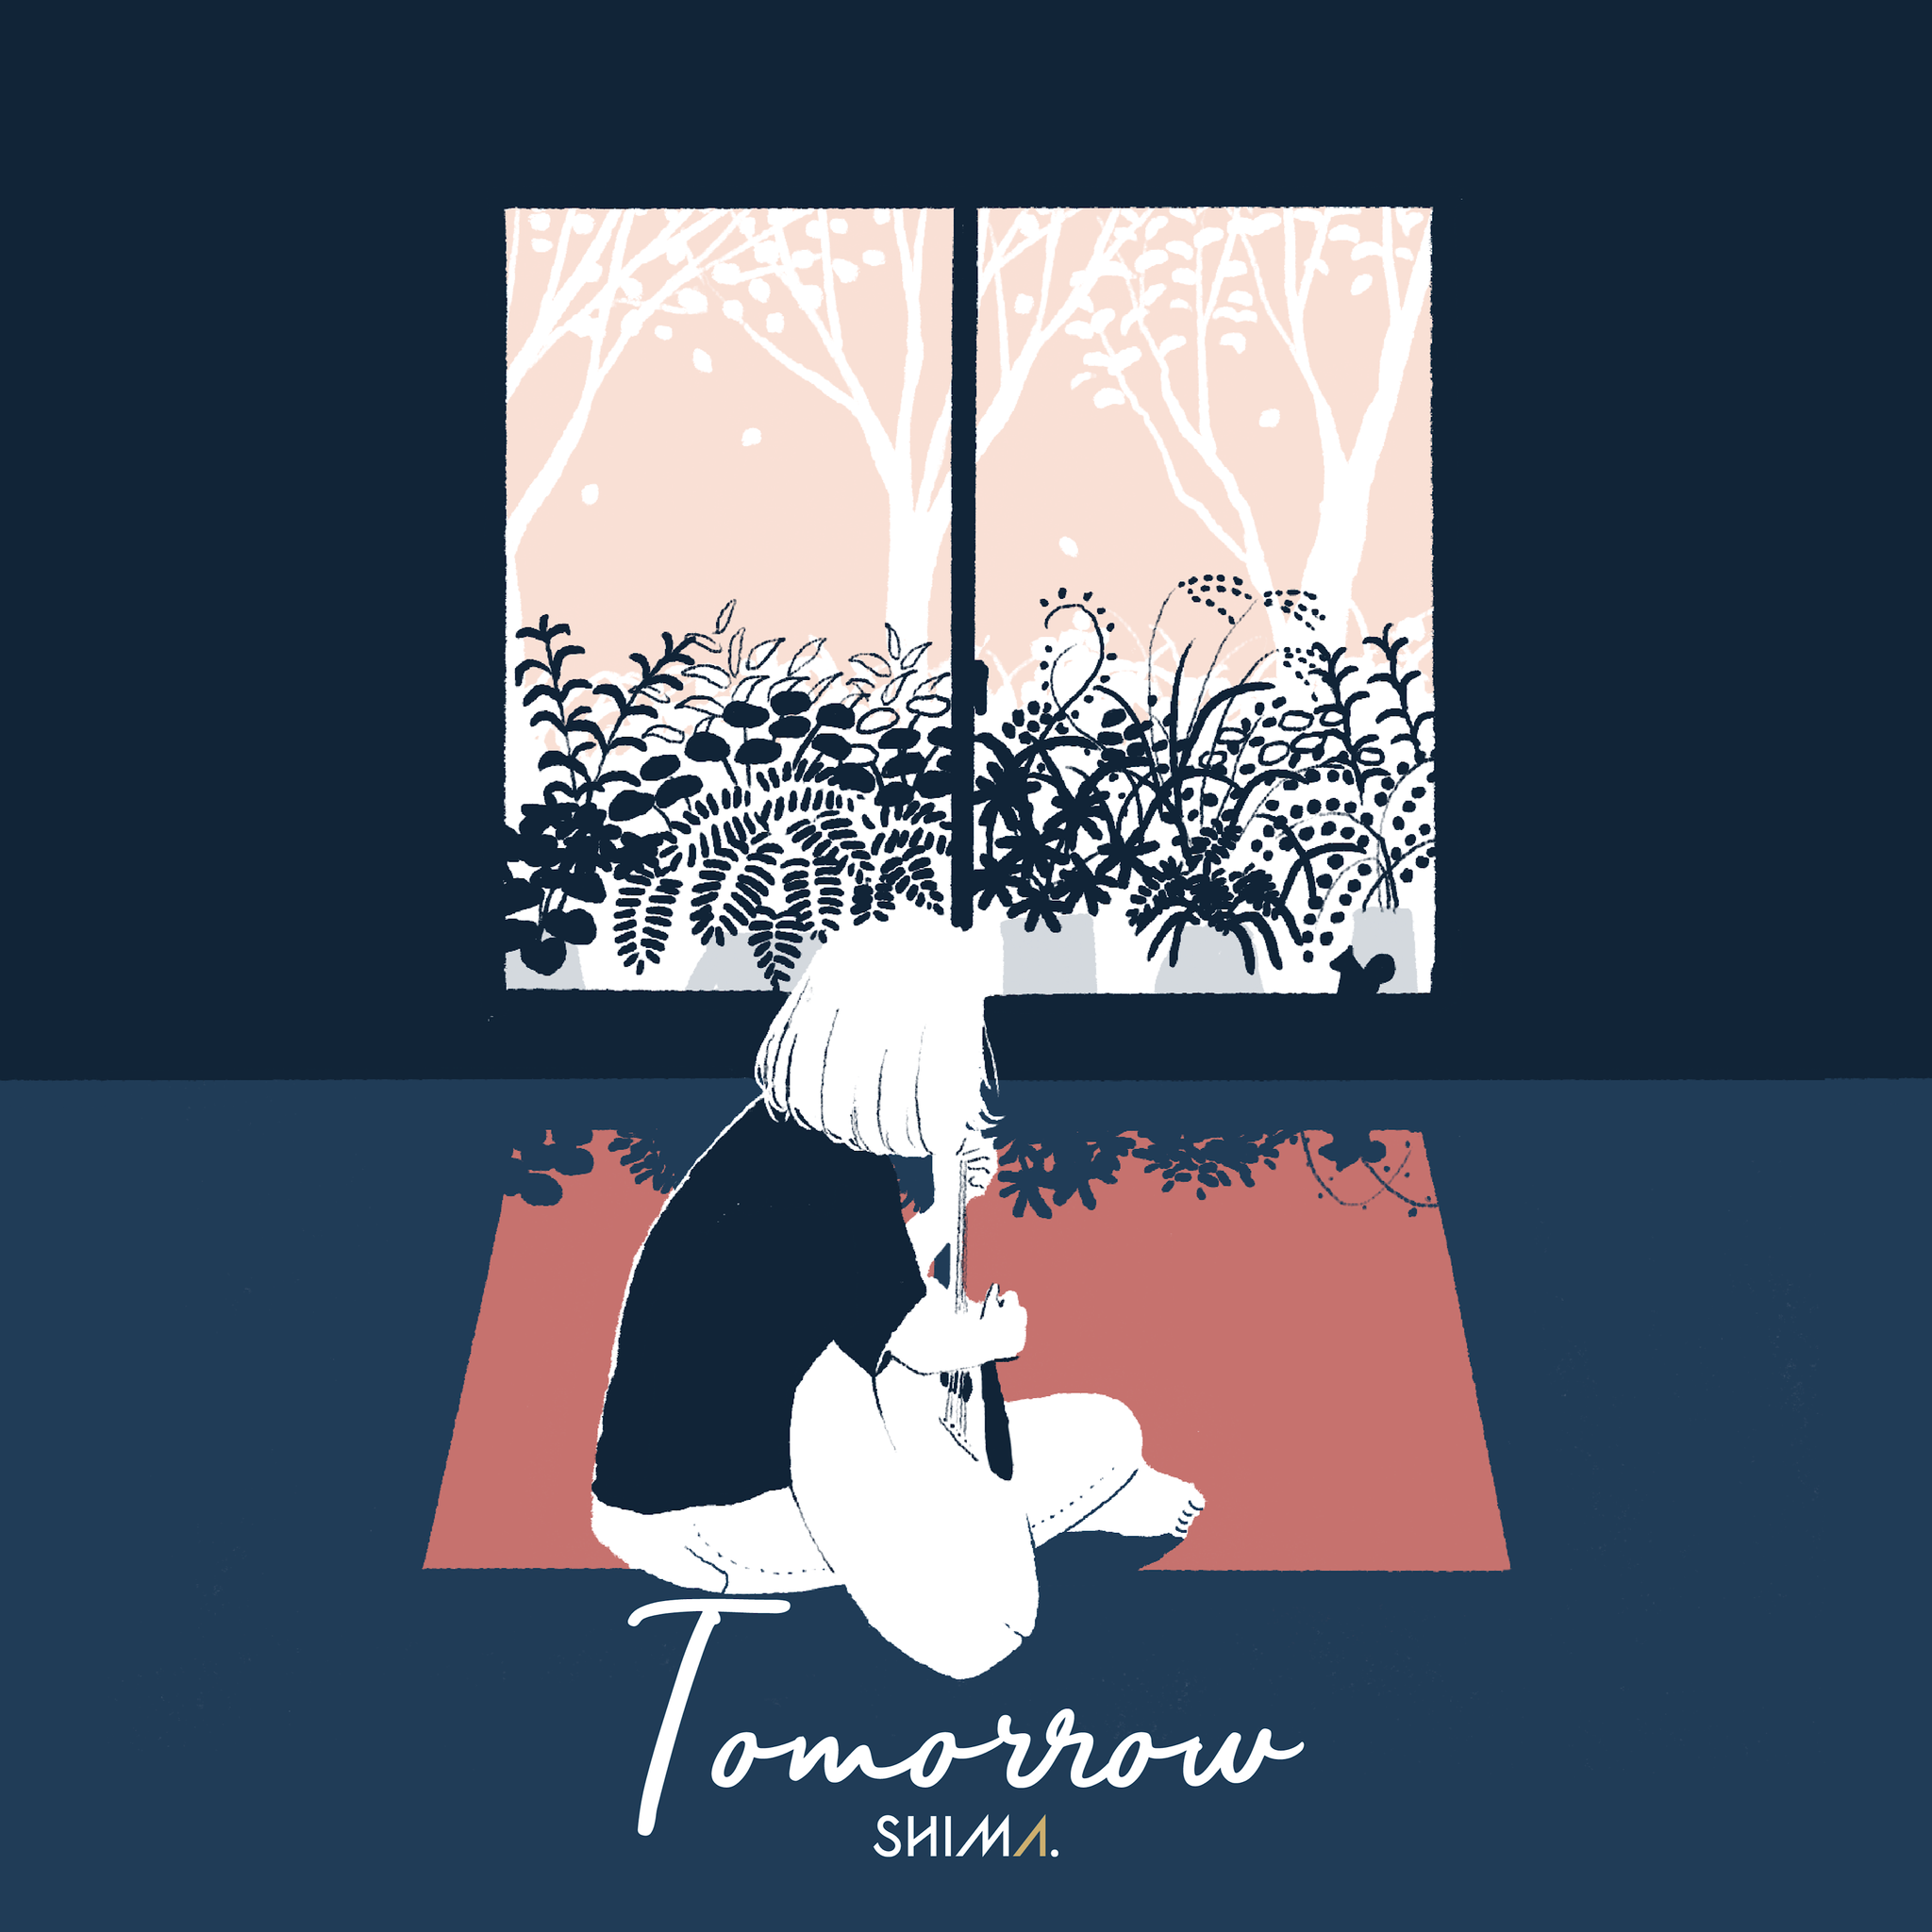 2021.1.18リリース 『Tomorrow』情報解禁!